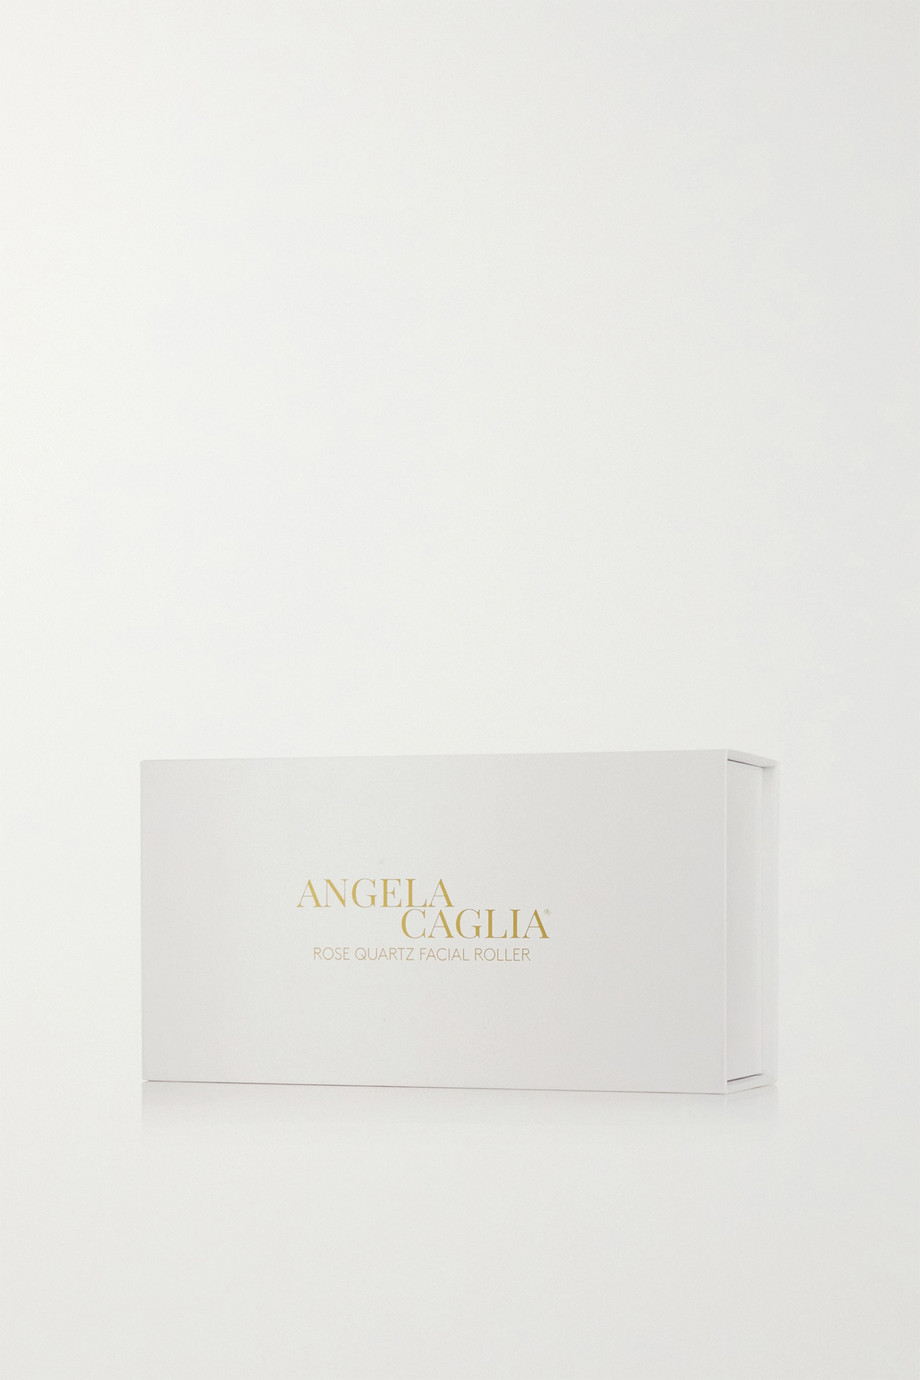 Angela Caglia La Vie en Rose Face Roller